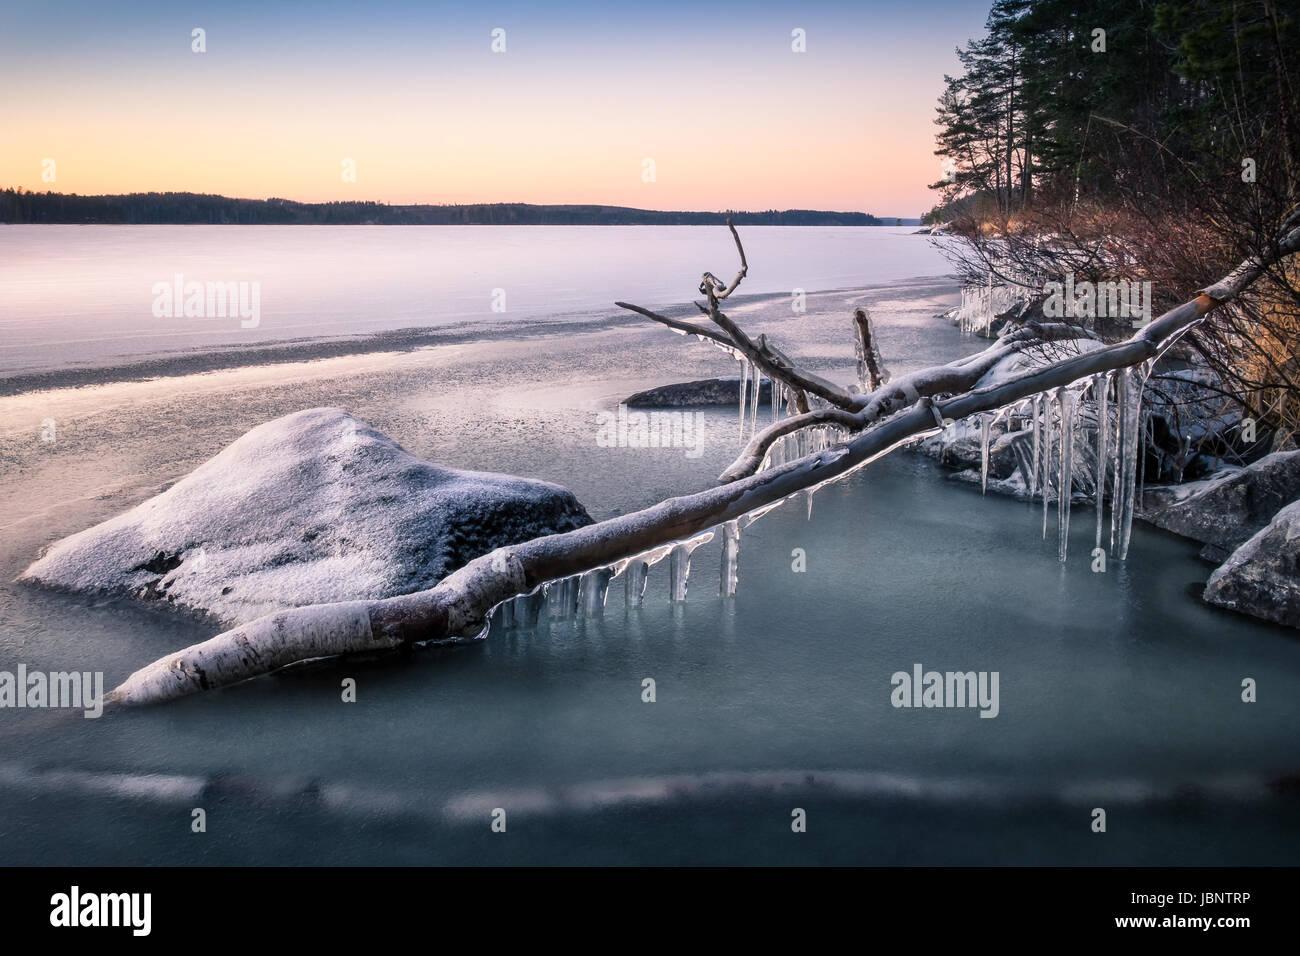 Paesaggio panoramico con ghiaccioli e del lago alla sera d'inverno Immagini Stock